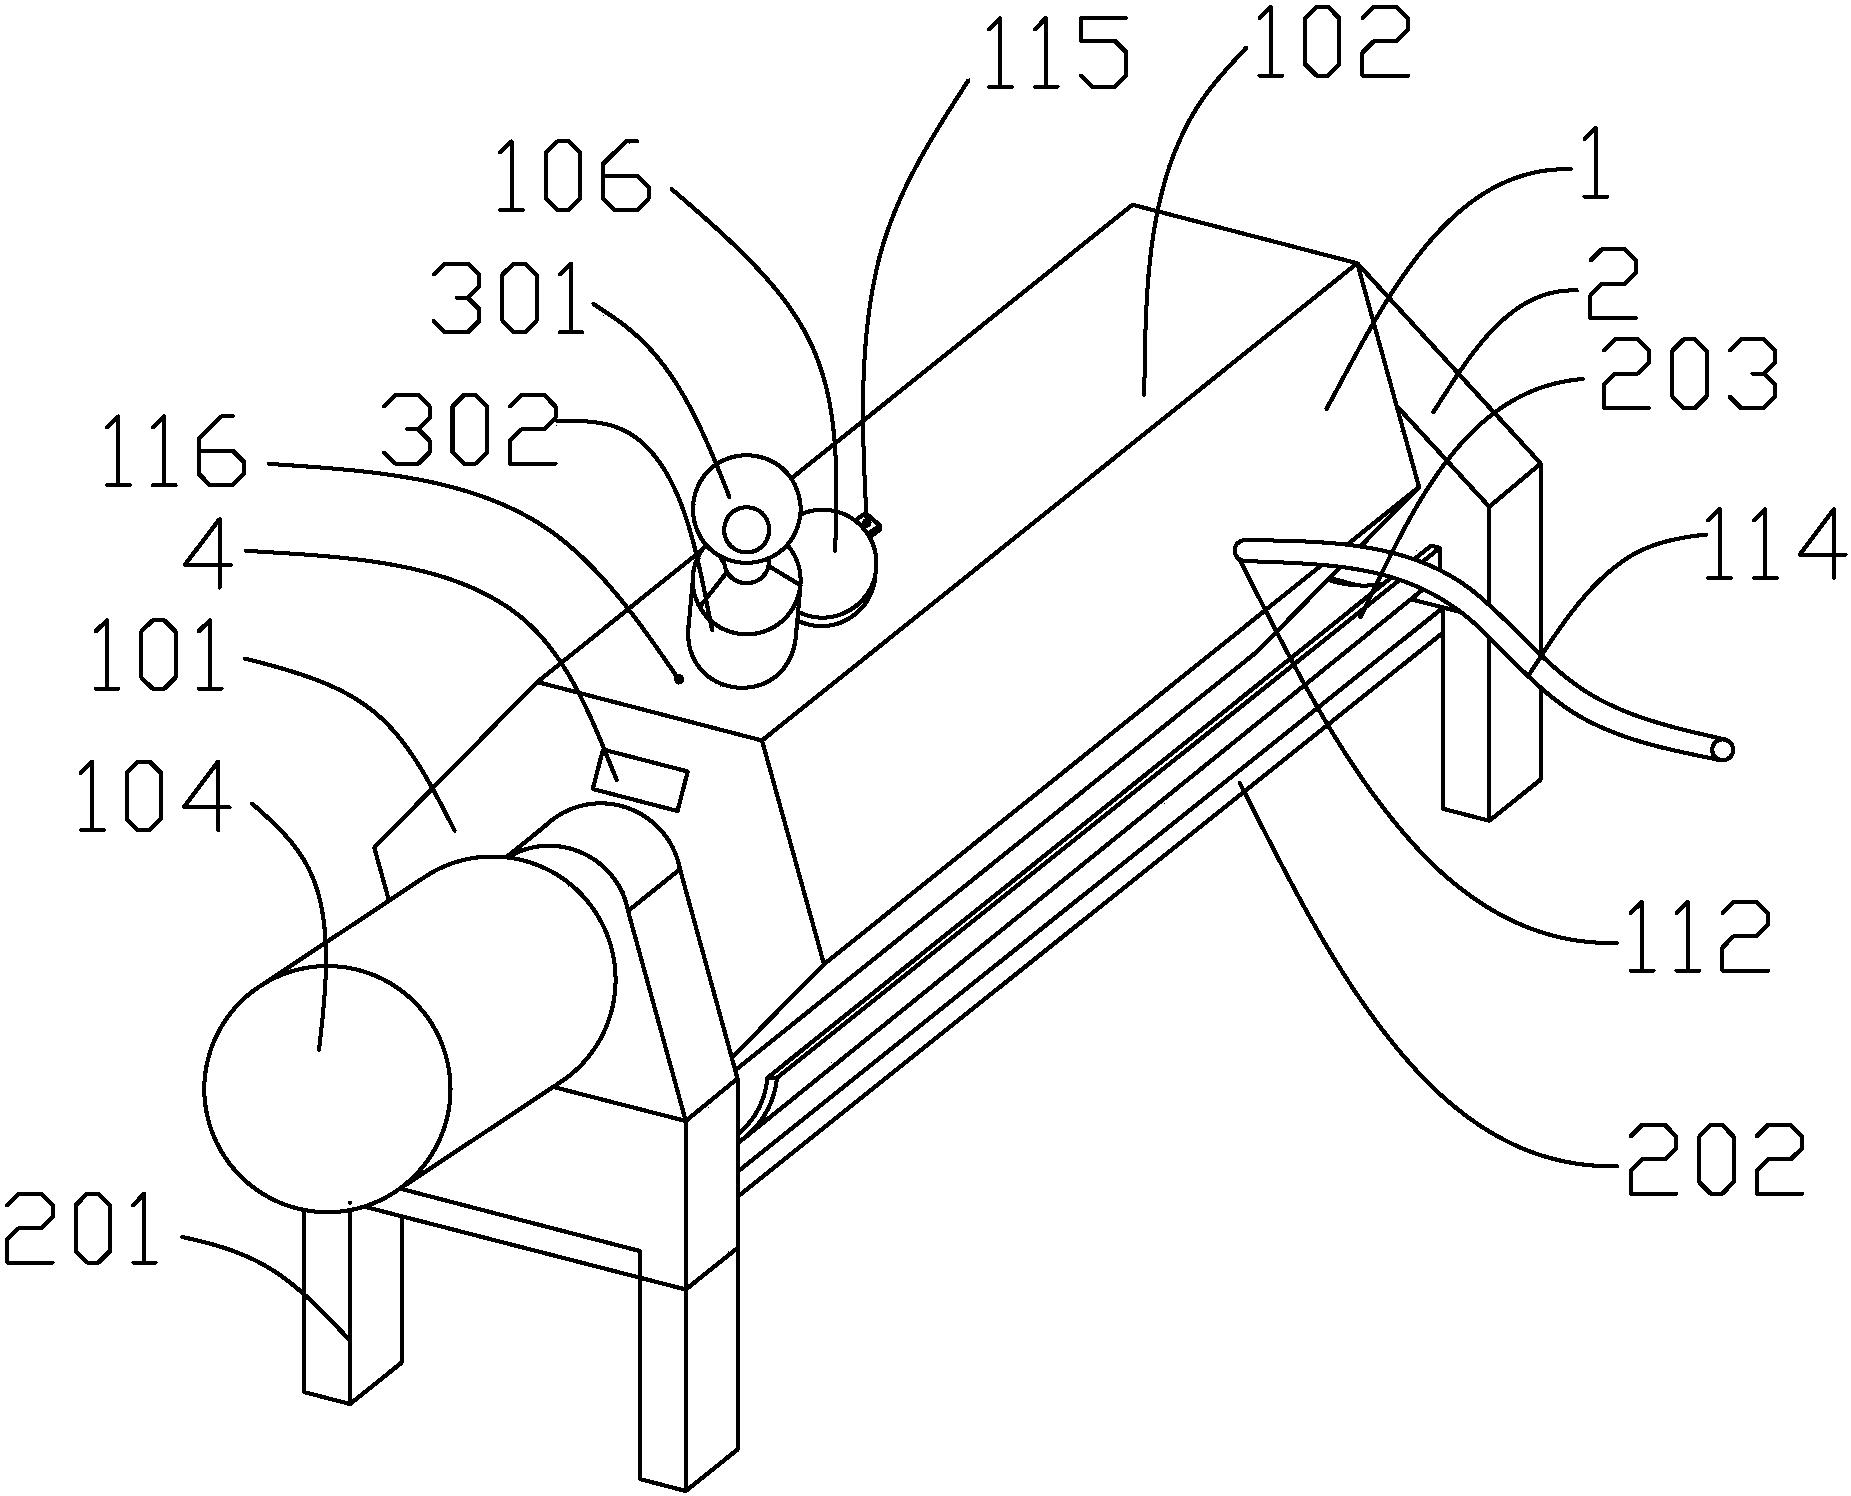 cn108968106a_一种土豆去皮装置及其用该装置制作土豆片的方法在审